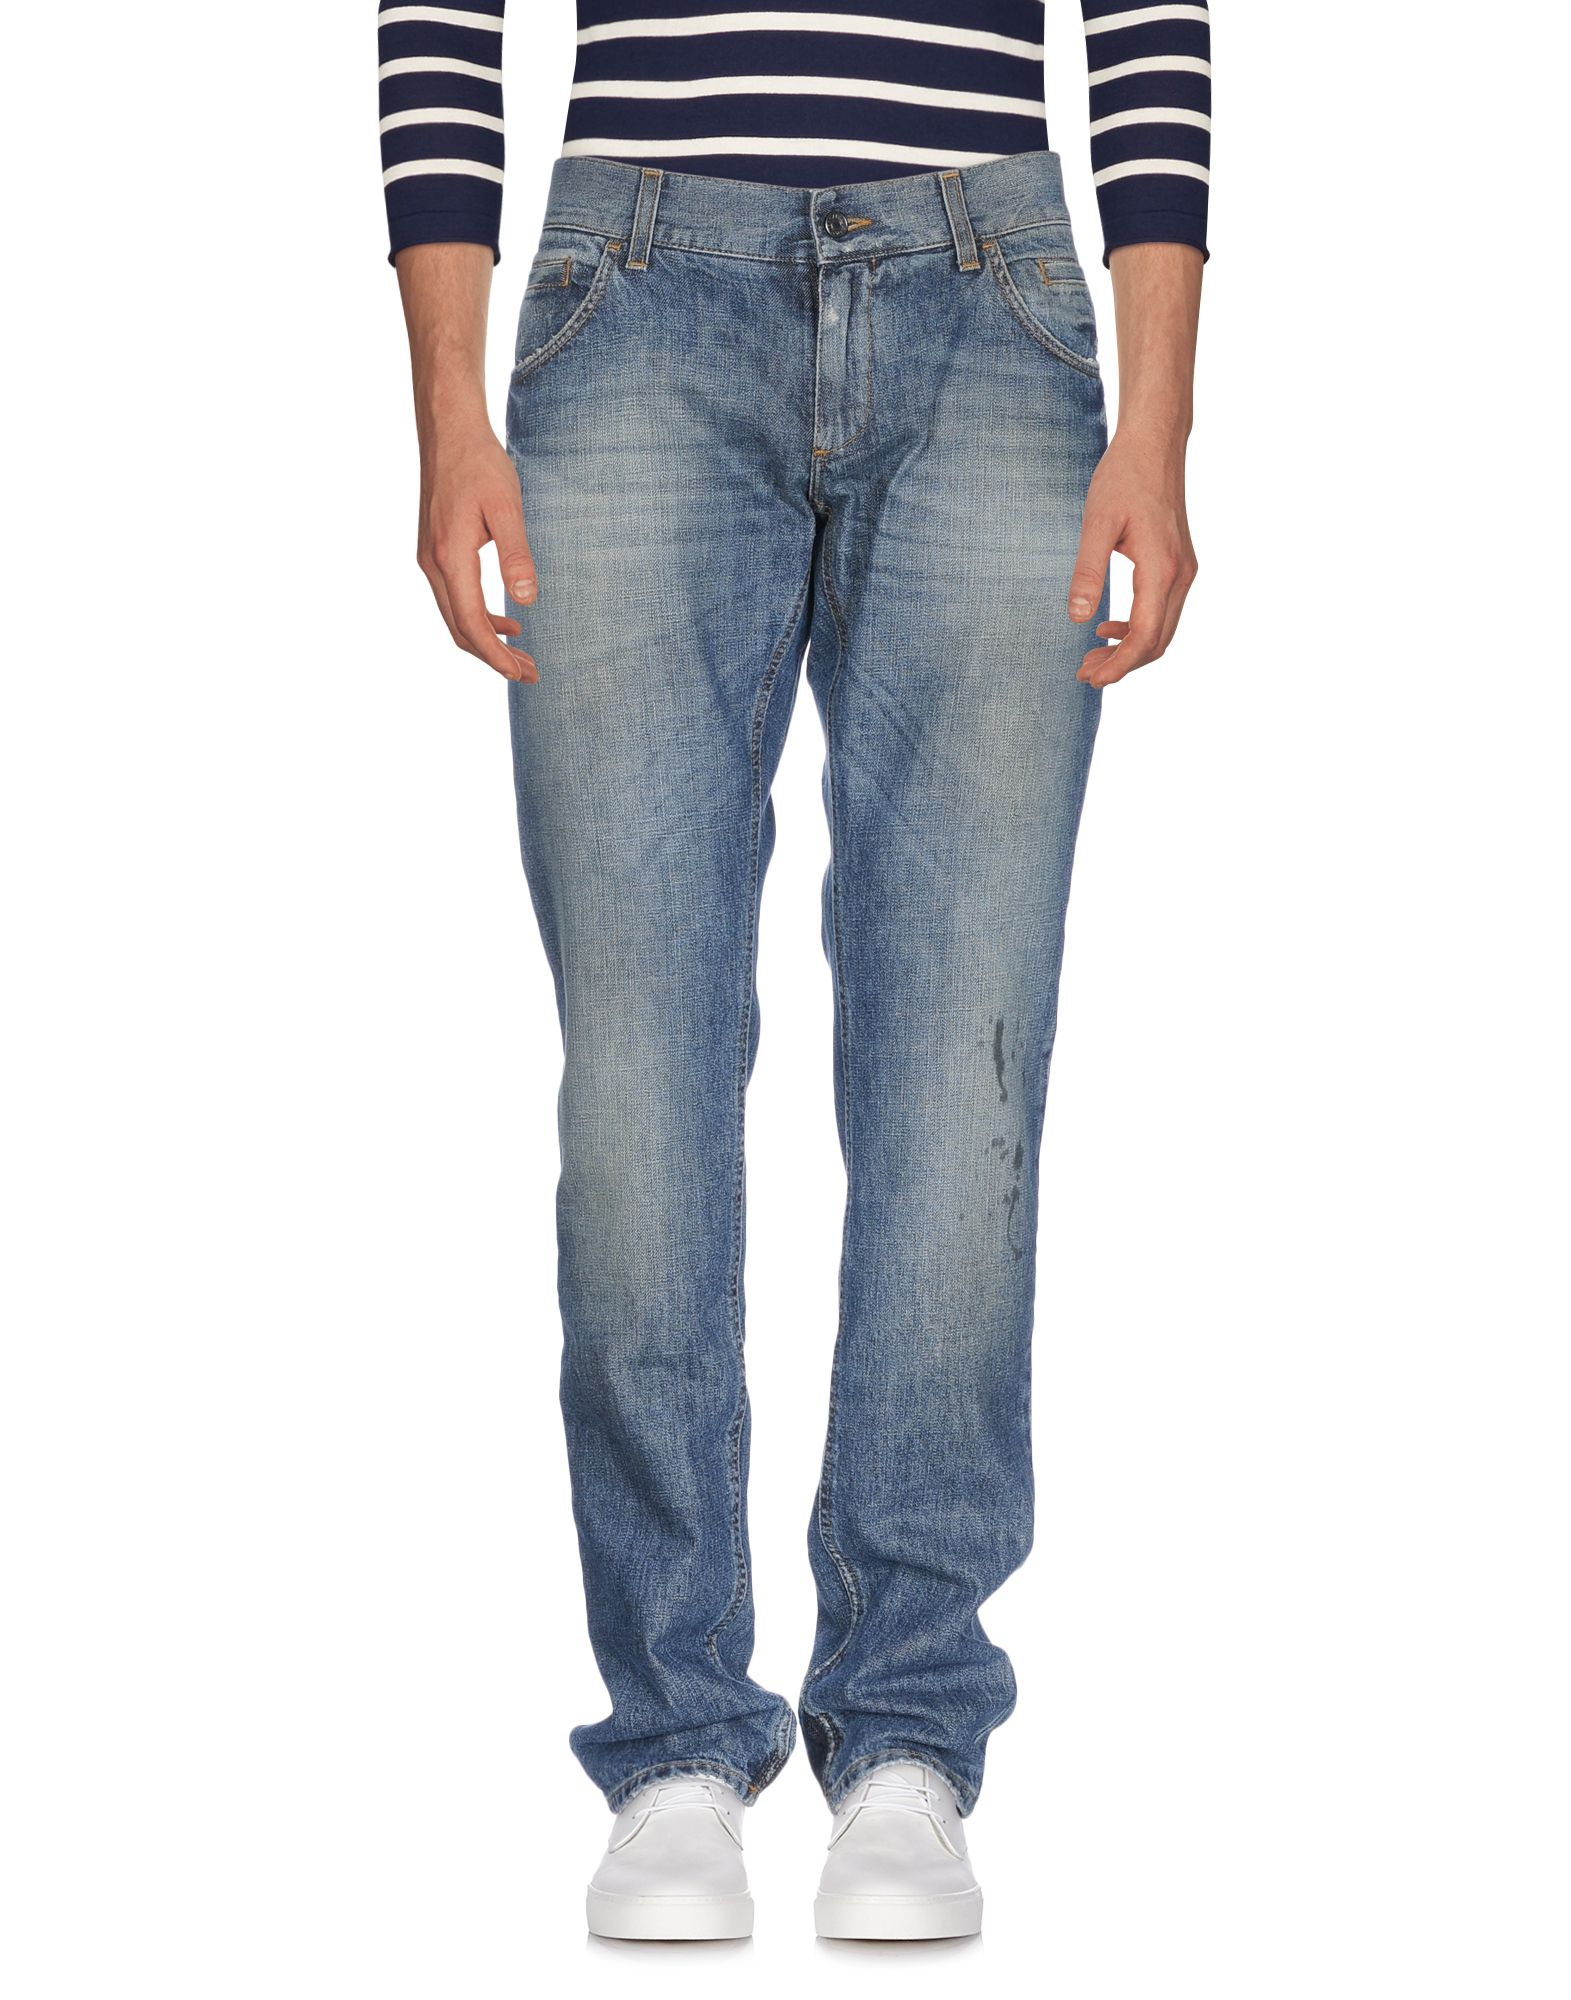 Pantaloni Pantaloni Pantaloni Jeans Dolce & Gabbana Uomo - 42655631QB 1448e2